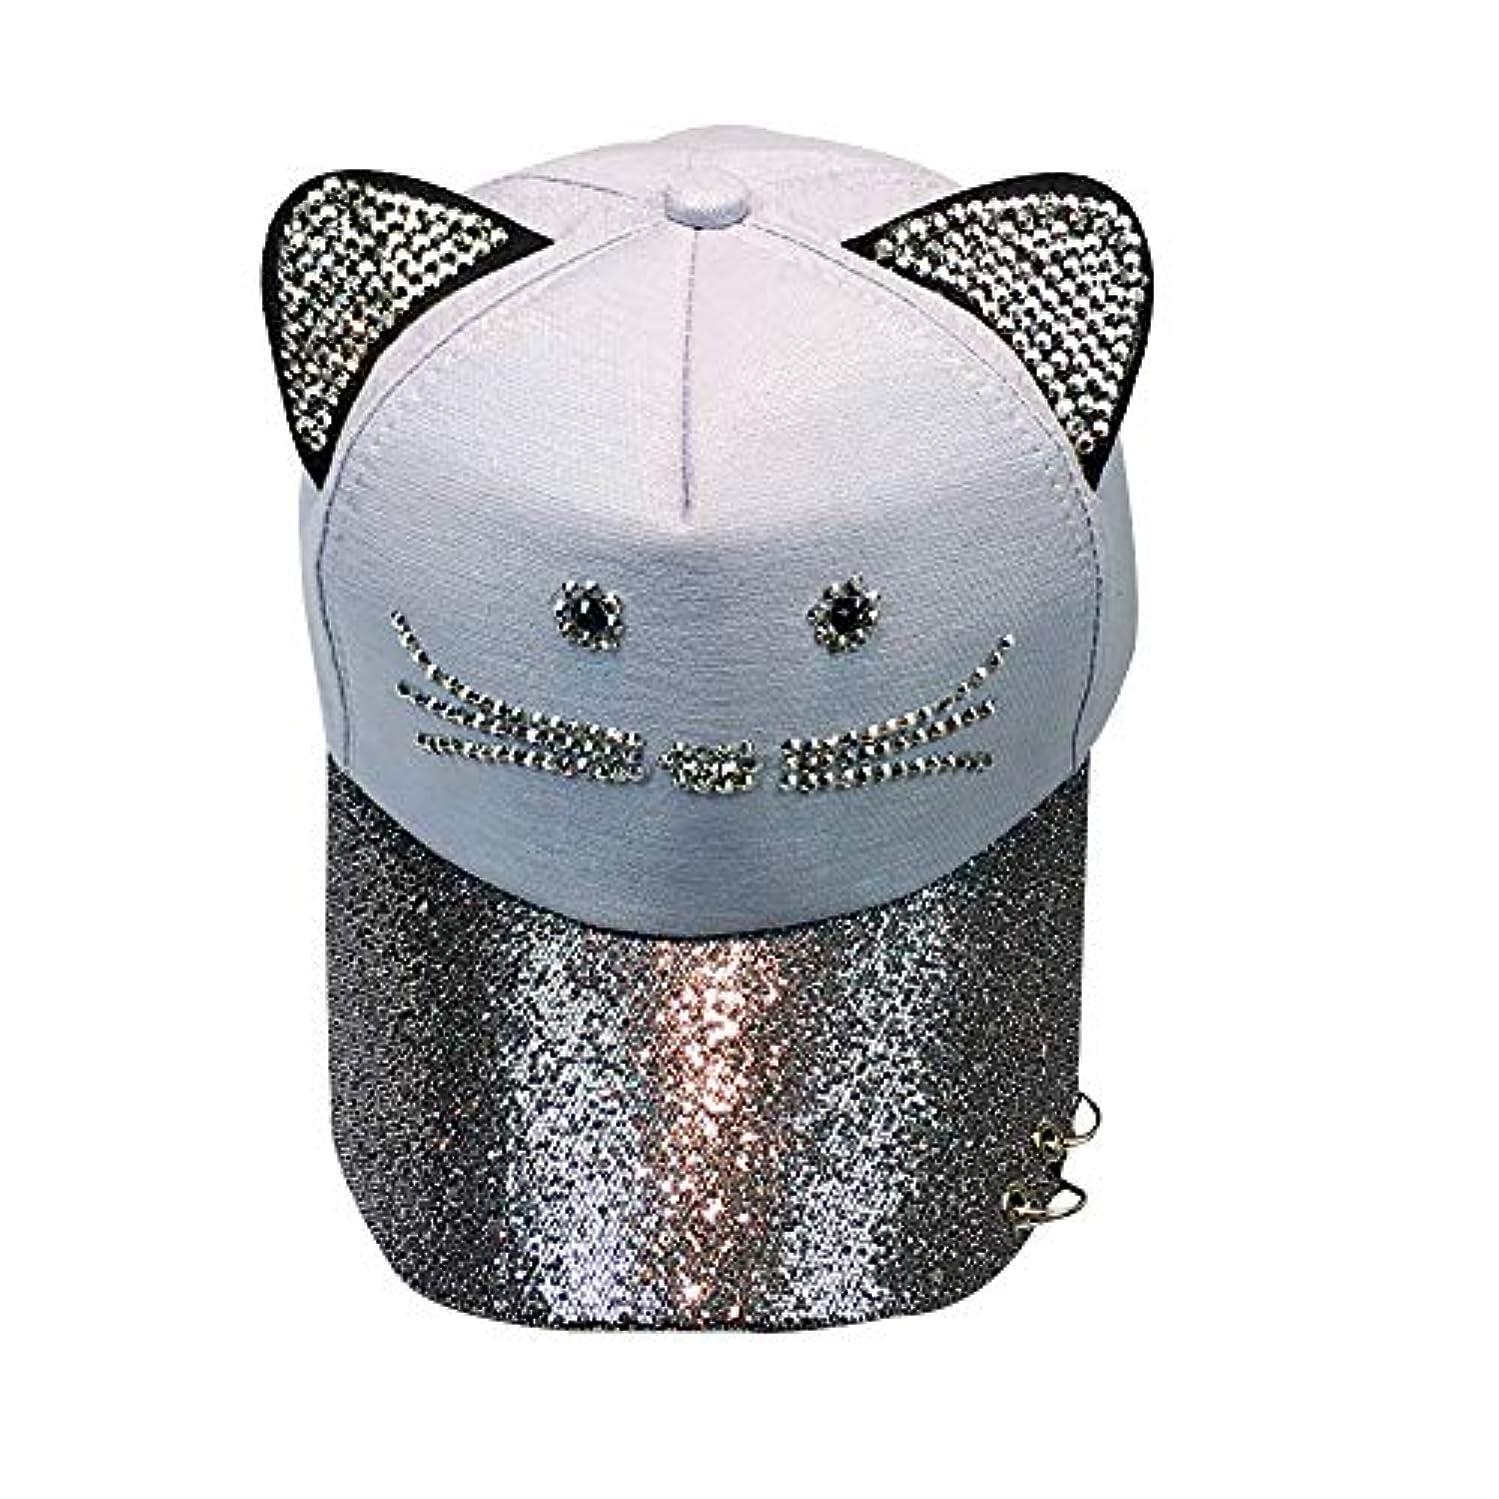 かけるファンタジー乳白Racazing Cap 野球帽 ヒップホップ メンズ 男女兼用 夏 登山 帽子スパンコール 可調整可能 プラスベルベット 棒球帽 UV 帽子 軽量 屋外 Unisex Hat